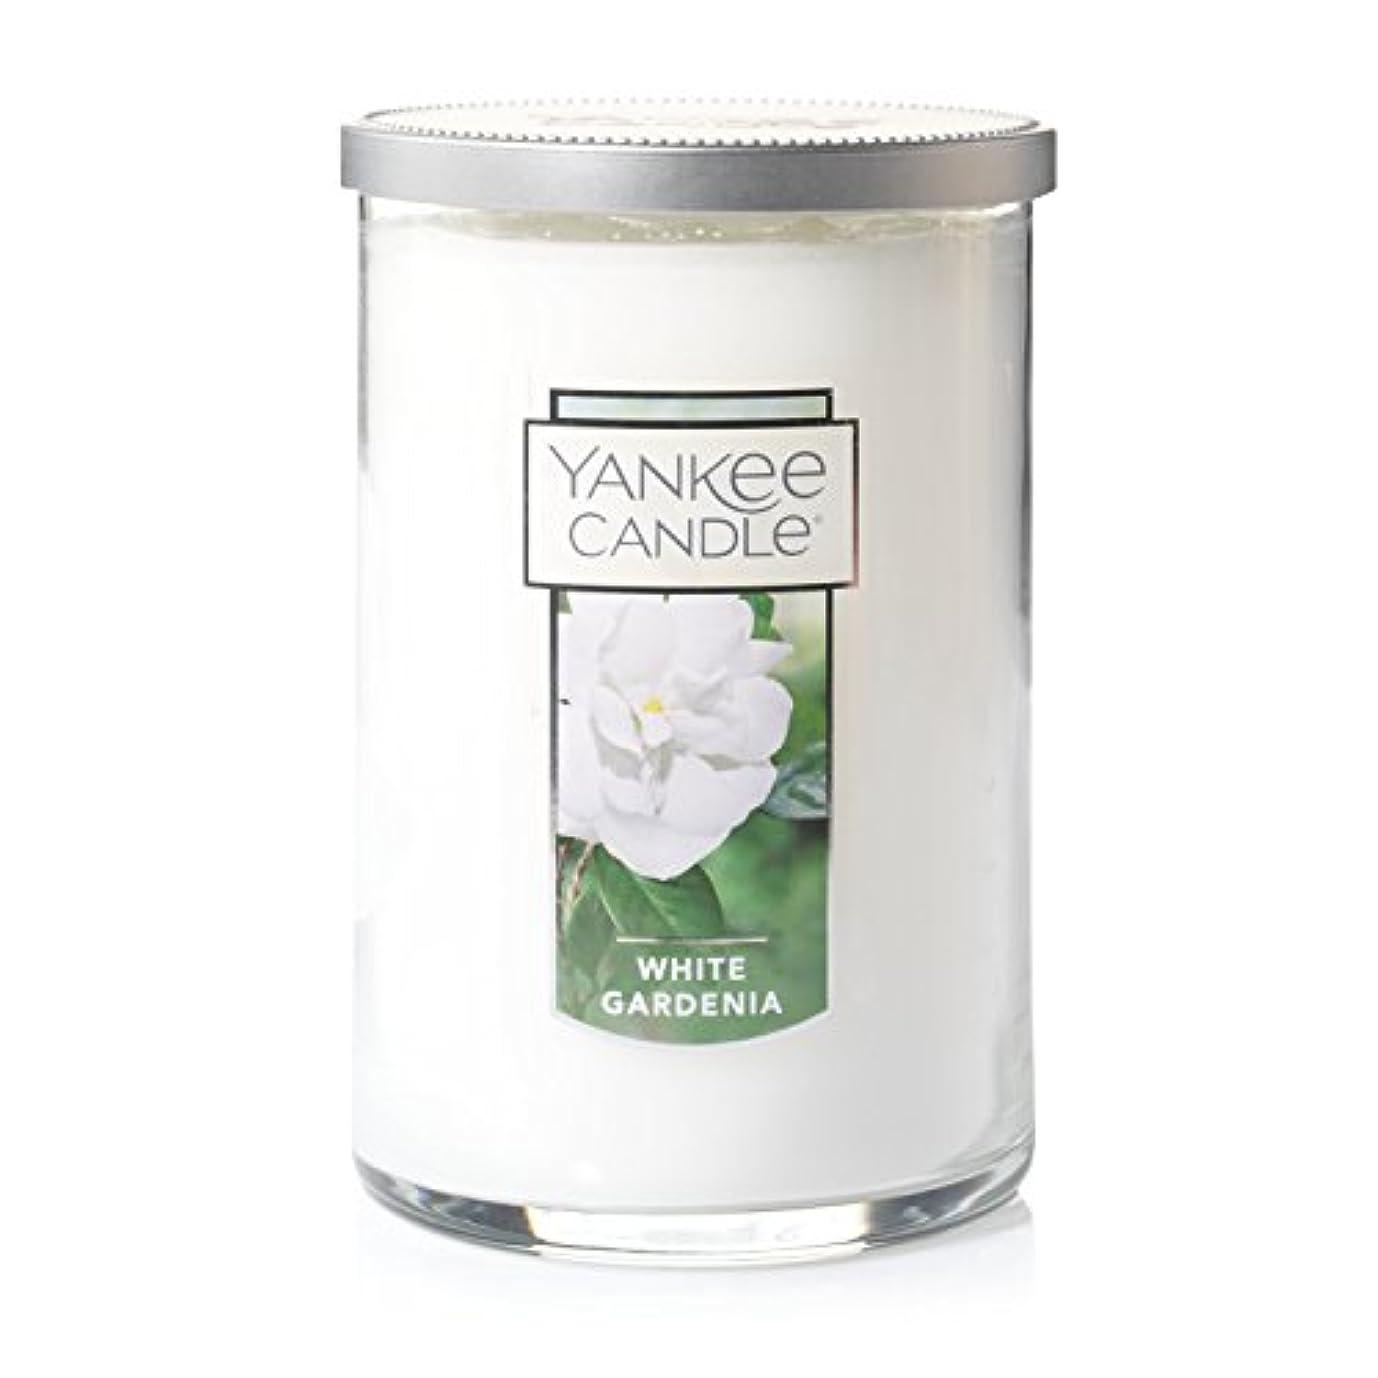 舞い上がる彫刻家一方、Yankee Candle White Gardenia、花柄香り Large 2-Wick Tumbler Candle 1230627